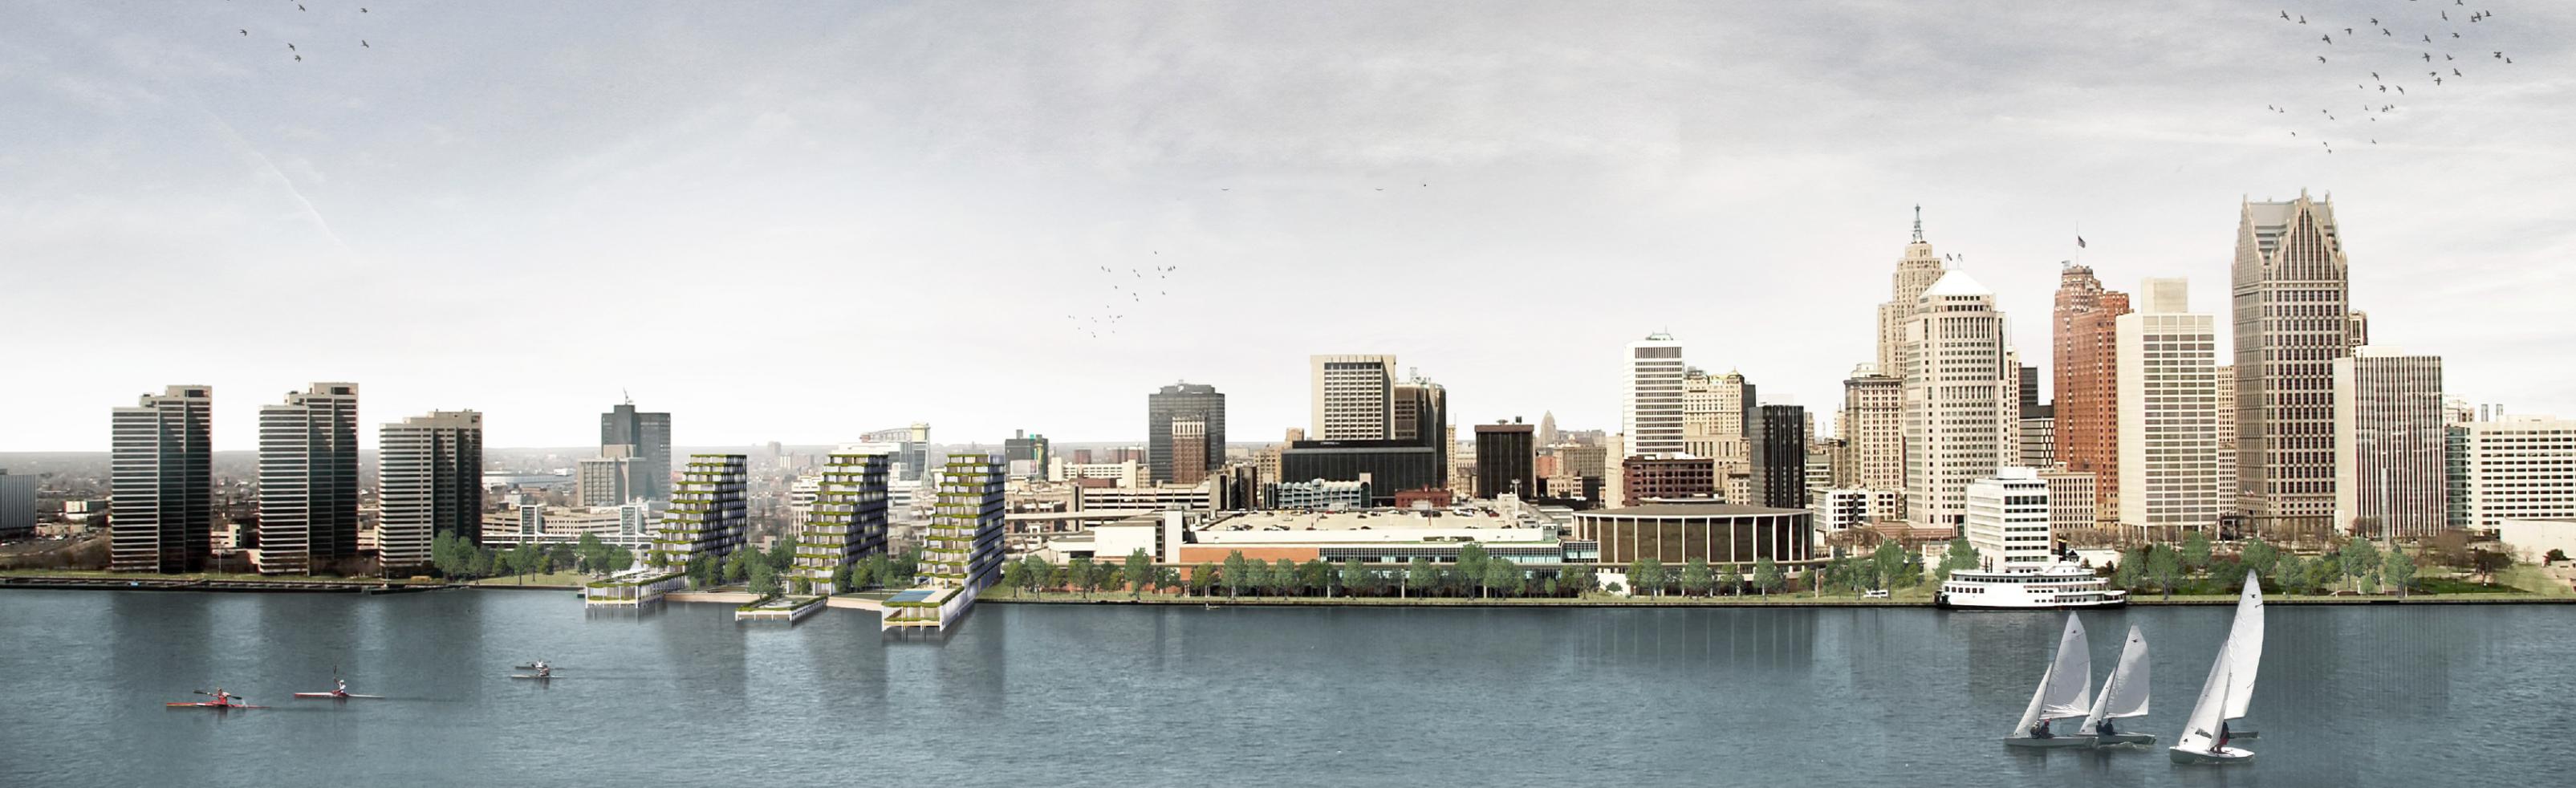 Detroit Waterfront District: Okuma secondo classificato con un progetto offsite ad alto impatto sociale